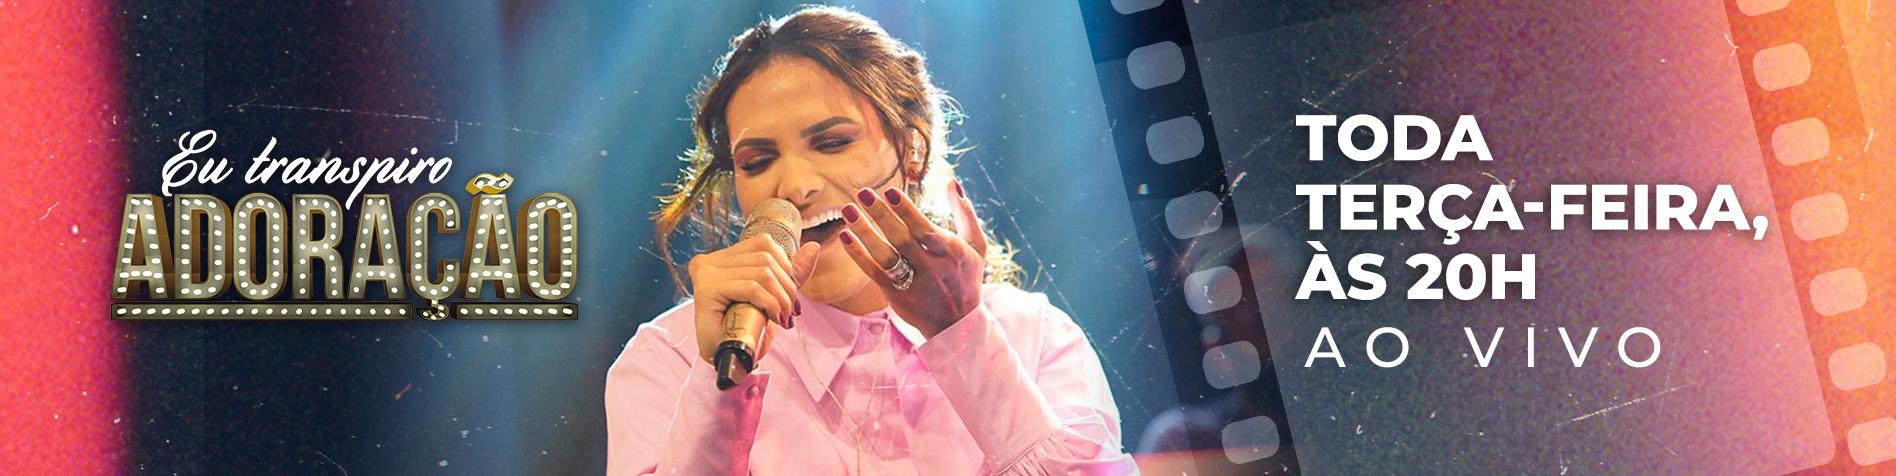 Cantora Juliana // Eu transpiro Adoração